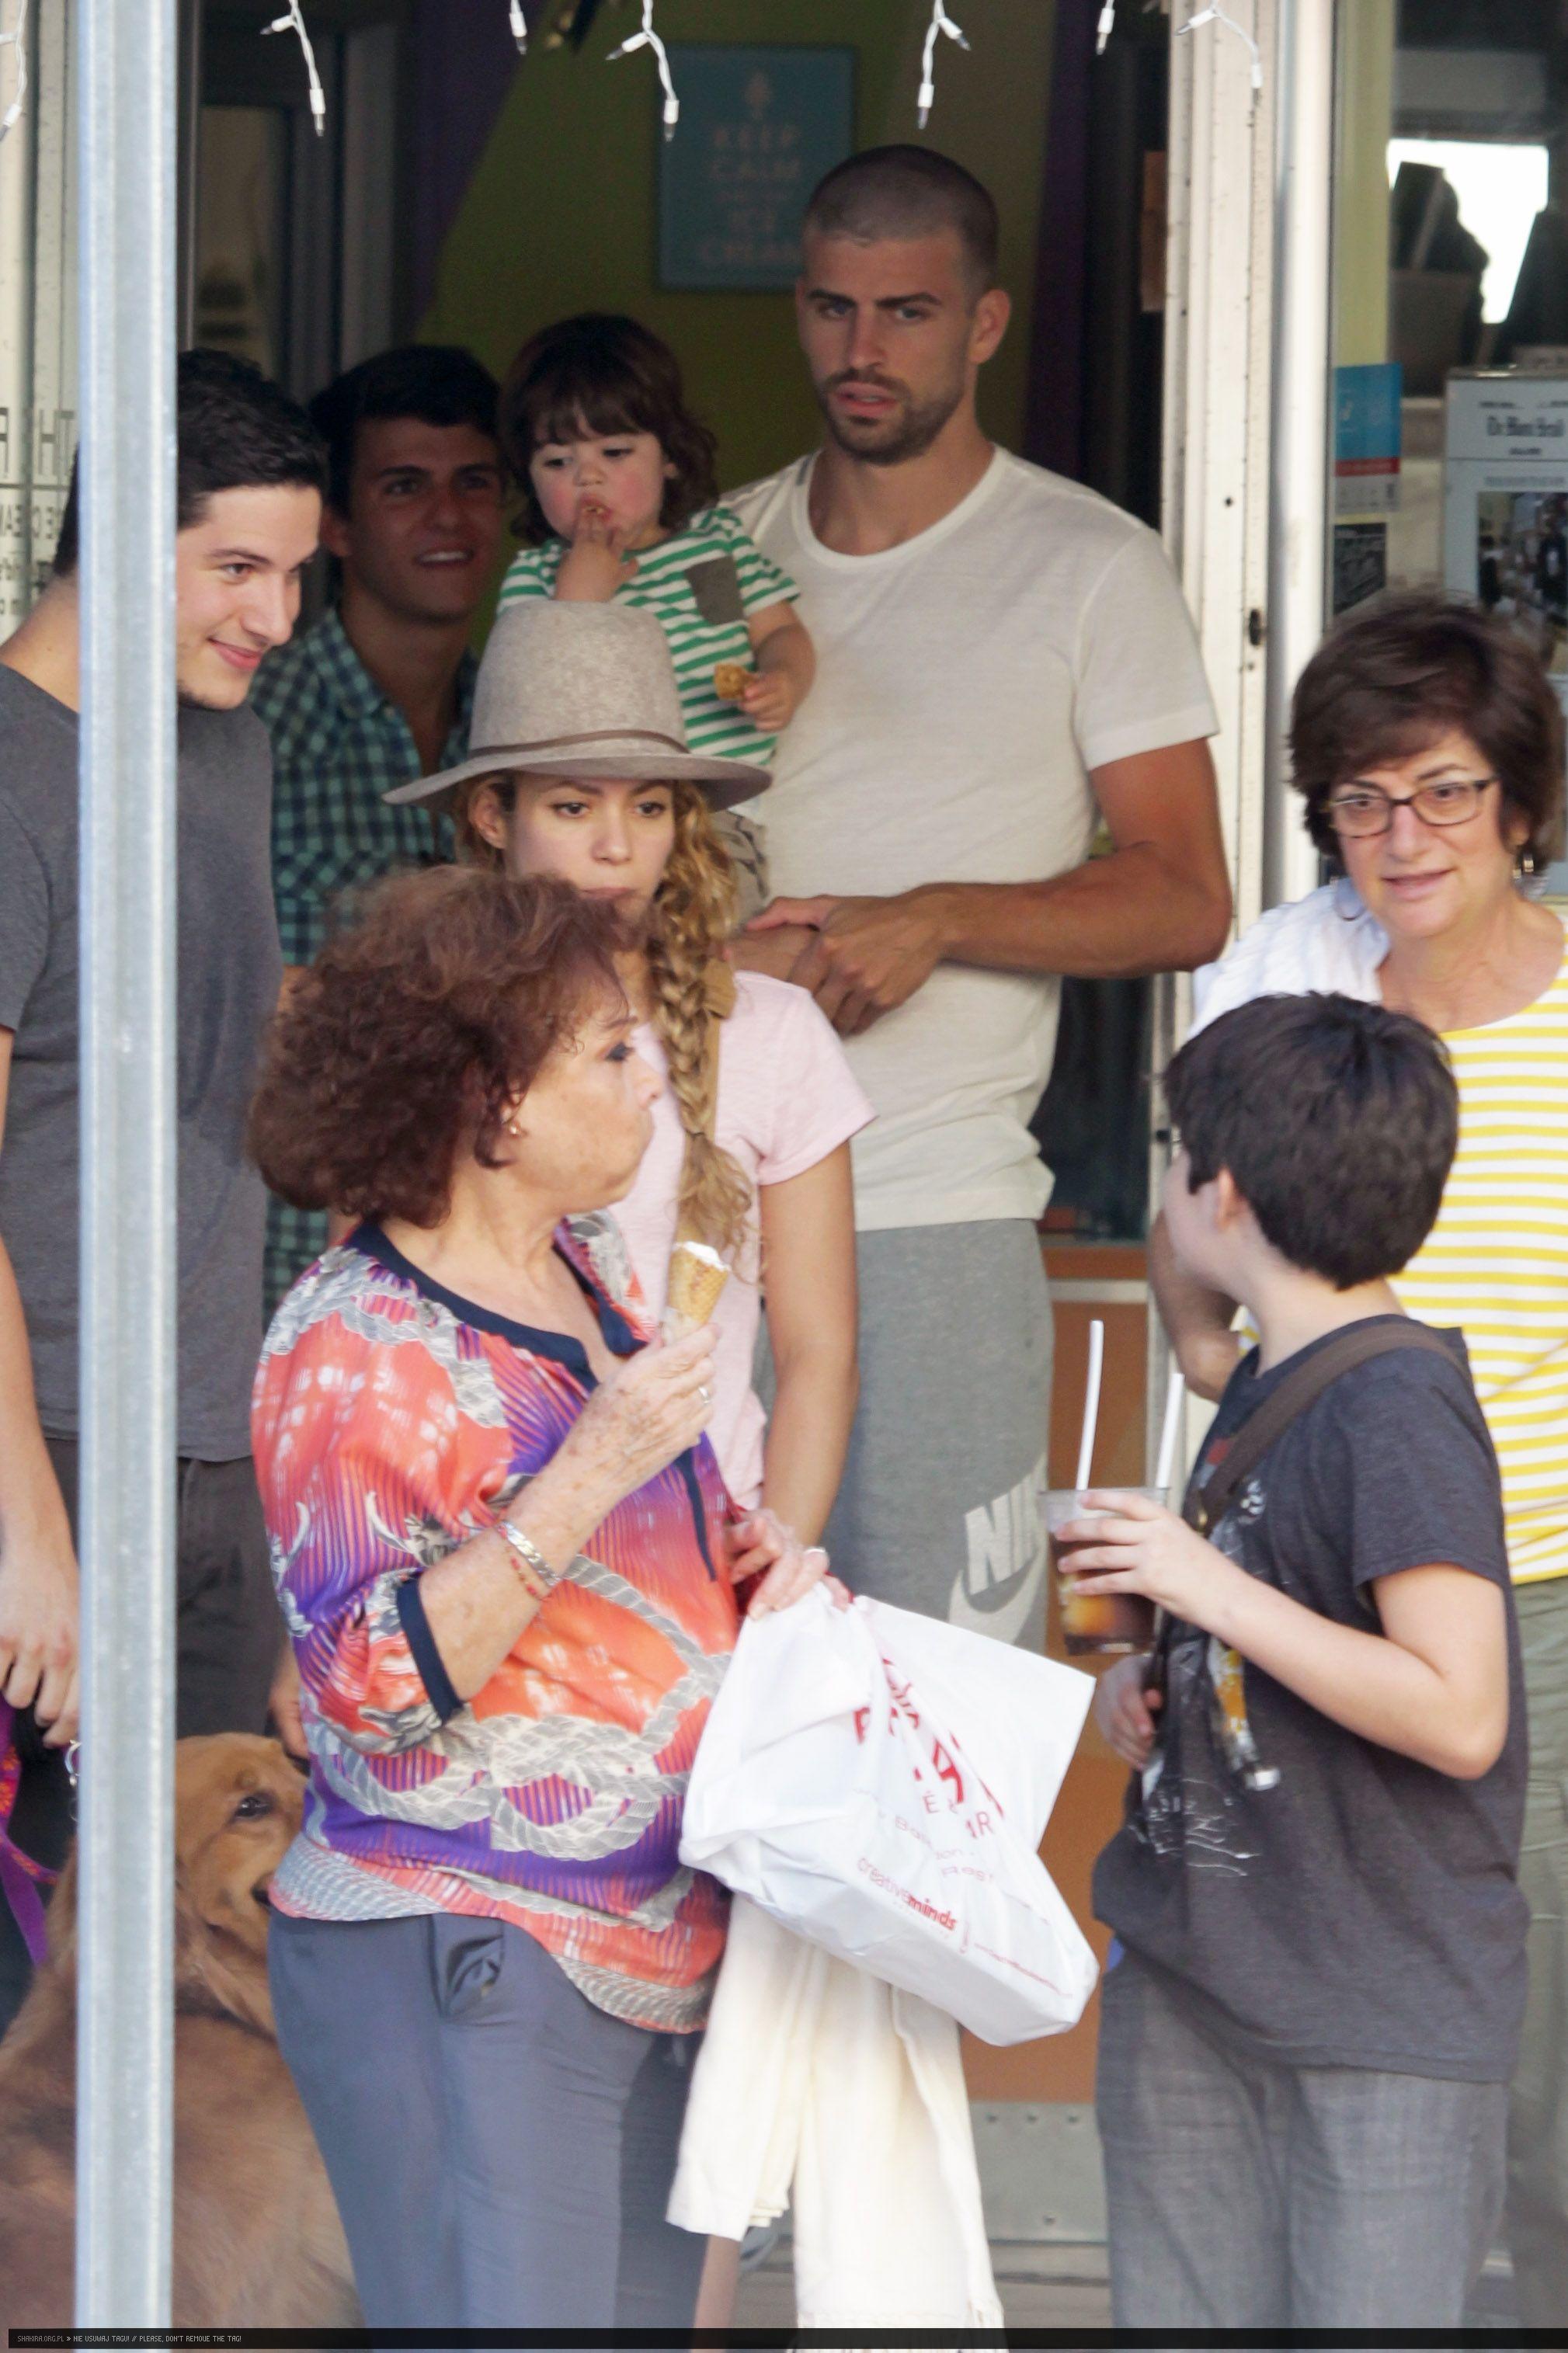 عکس های جدید شکیرا | جدیدترین عکس های شکیرا | شکیرا و جرارد پیکه | شکیرا و پسرش | شکیرا و پسرش میلان | عکس های جدید شکیرا و خانواده اش | شکیرا در برزیل 2014 | شکیرا و پیکه در برزیل 2014 | شاتهای جدید شکیرا | فتوشاتهای جدید شکیرا | شکیرا و میلان 2014 | شکیرا و پیکه | عکس جدید شکیرا و پیکه | شکیرا دانلود | دانلود موزیک ویدئو شکیرا برای جام جهانی 2014 | عکس های شکیرا و خانواده اش 2014 | کلیپ شکیرا | مدل موی جدید شکیرا | عکس های شخصی | شکیرا و همسرش | شکیرا و نامزدش | آریا فان | سایت عکس | عکس | سایت عکس خوانندگان هالیوودی